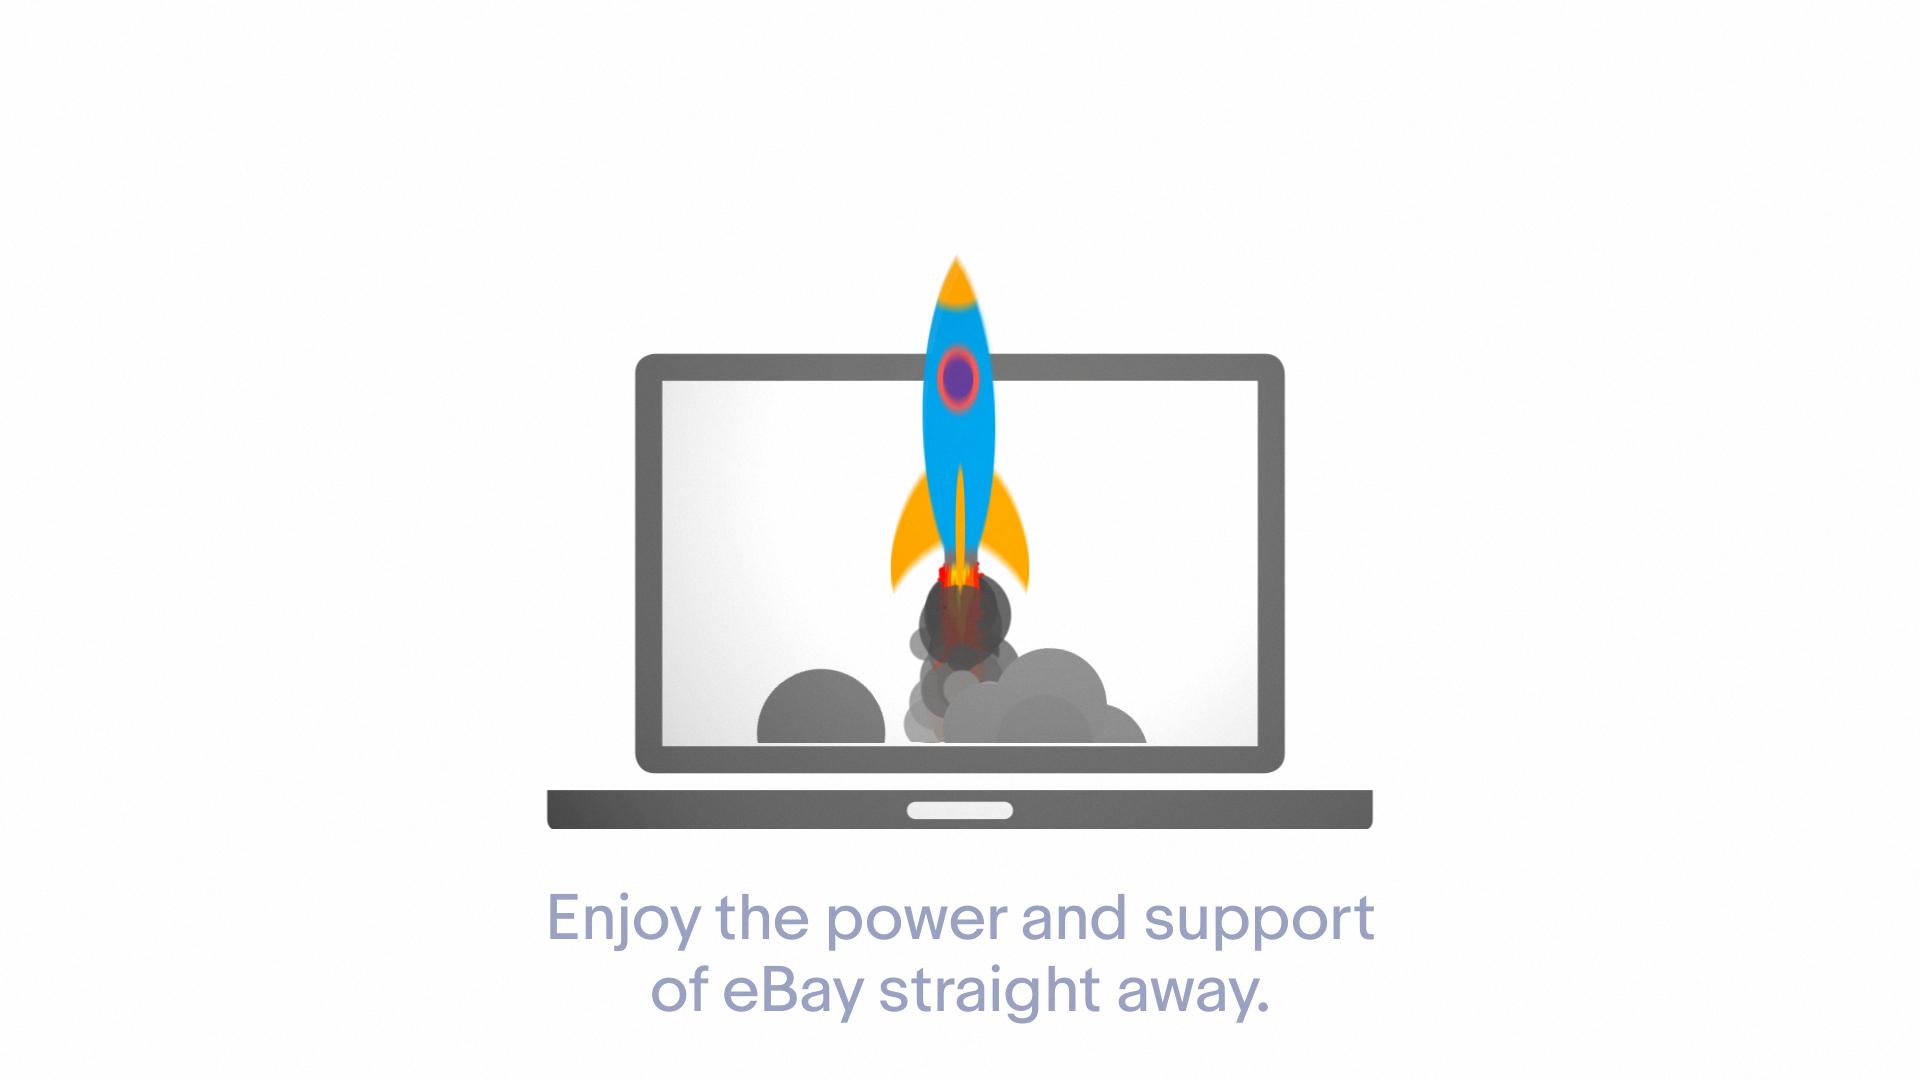 Ebay_06